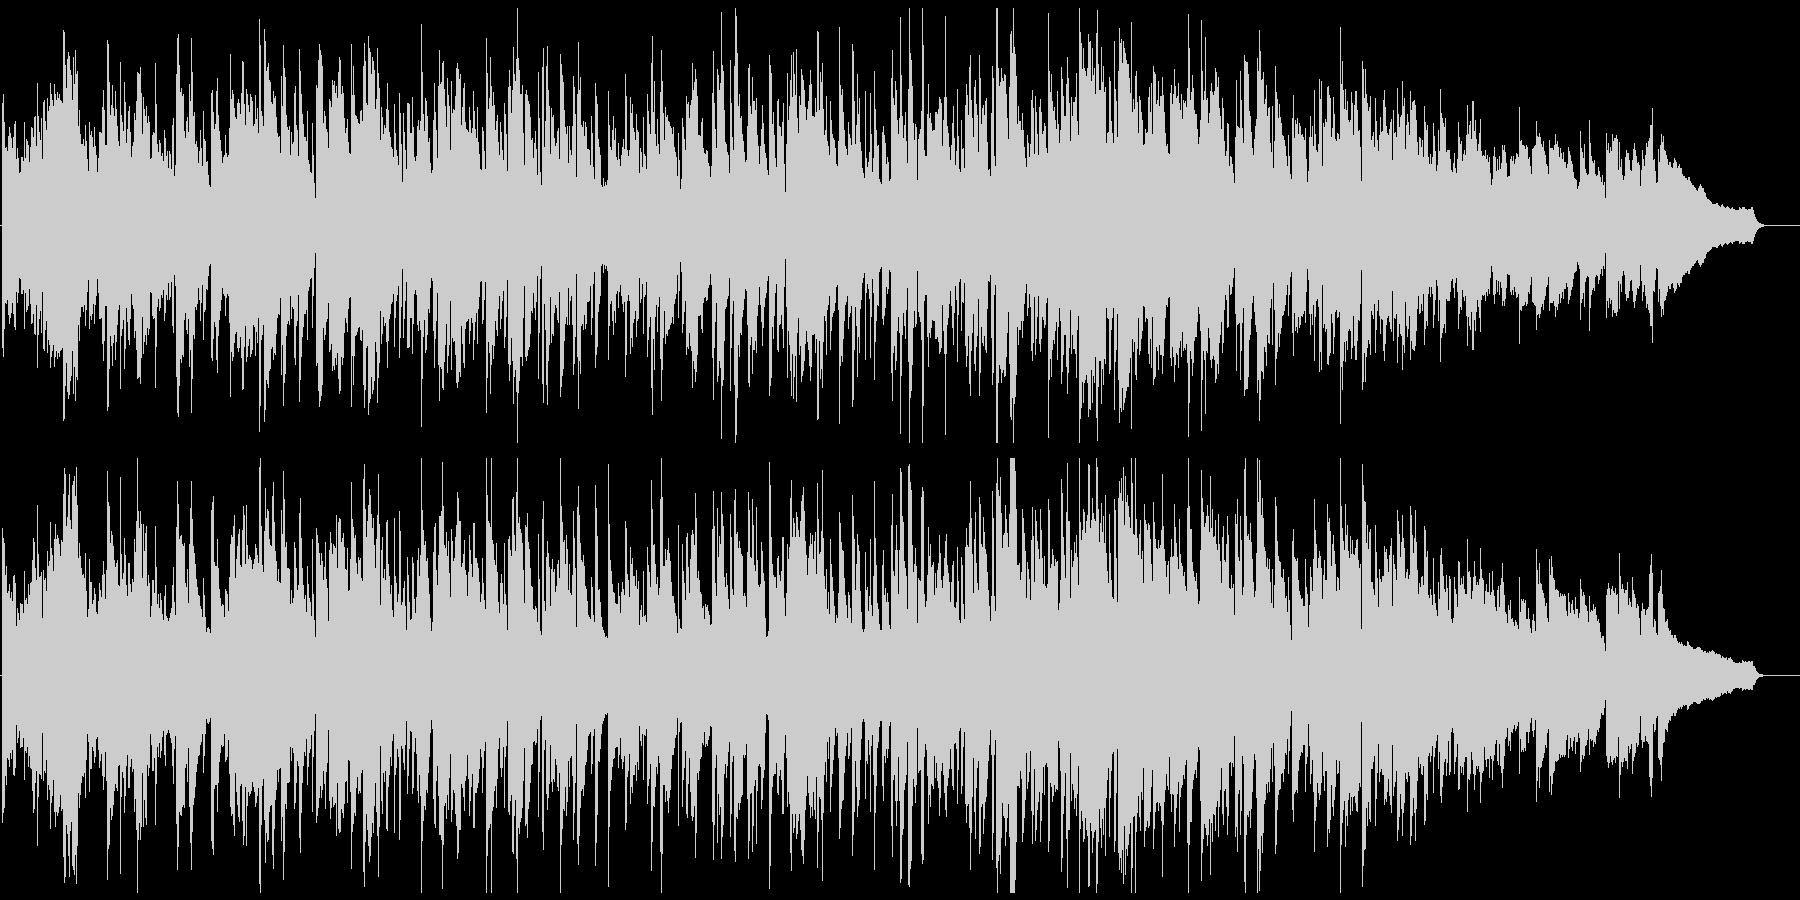 アルトサックス生演奏のボサノバ・ジャズの未再生の波形